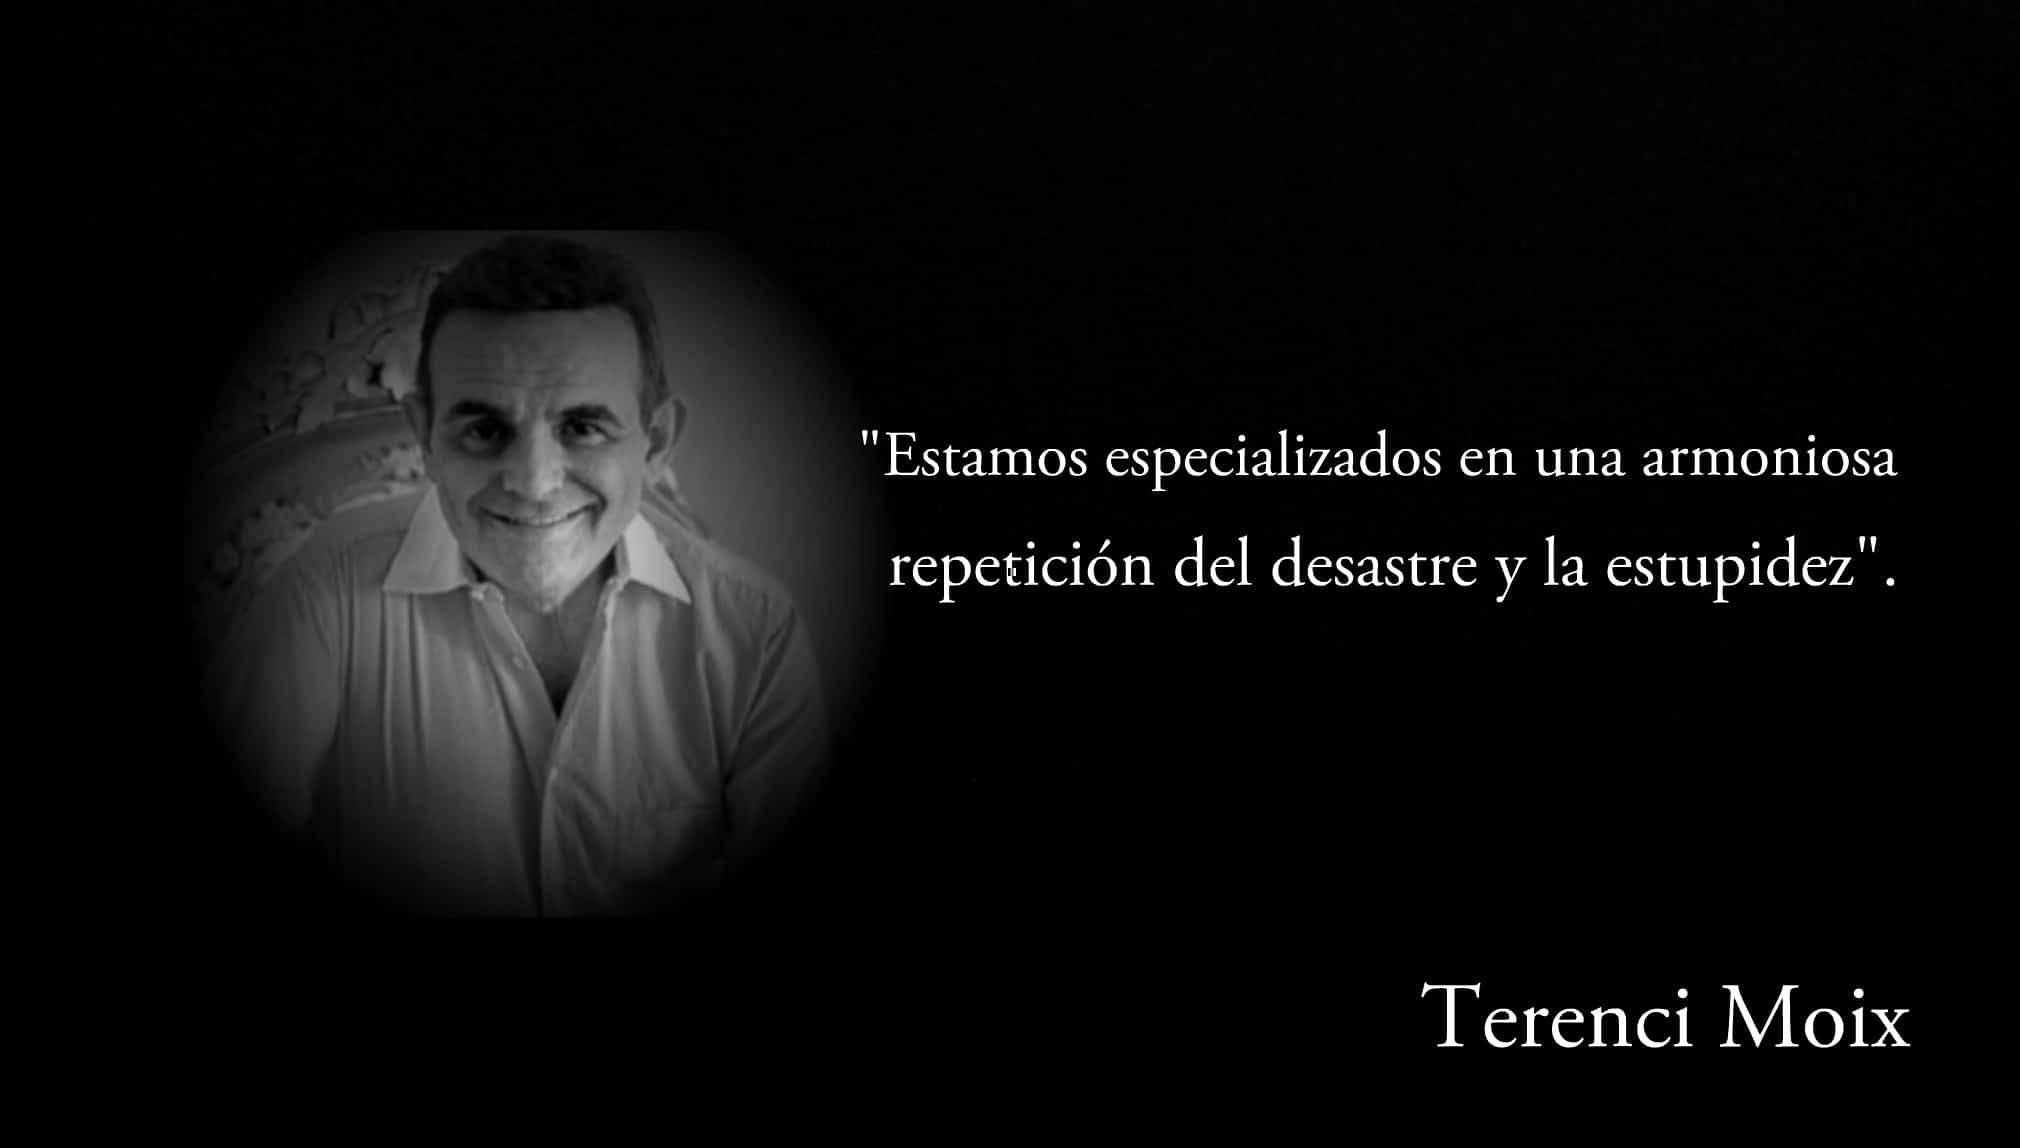 Frase de Terenci Moix.